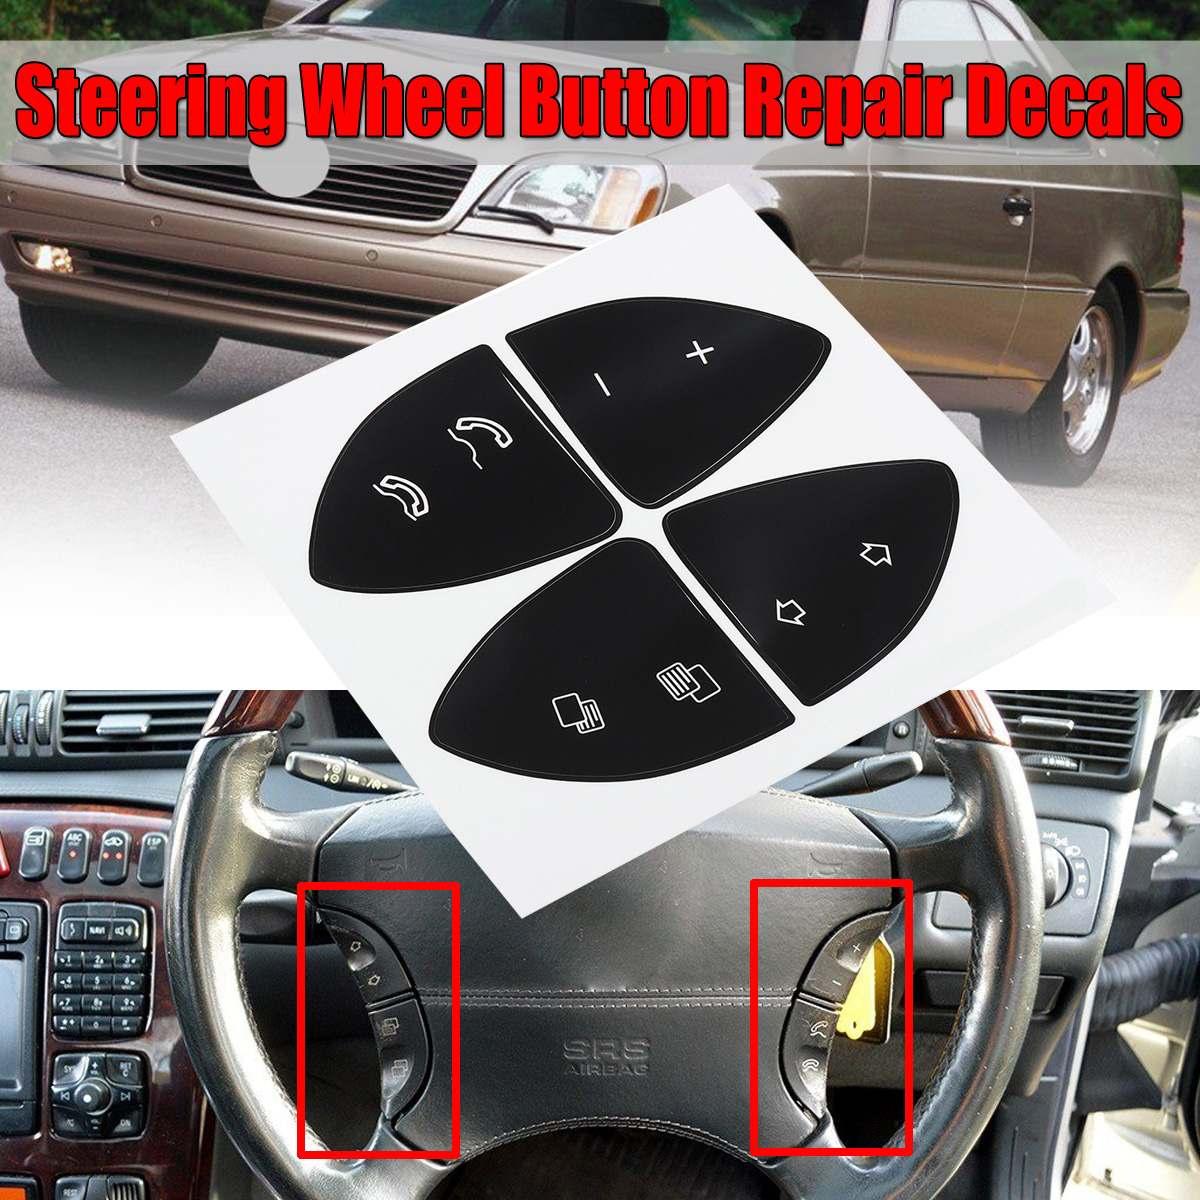 Авто Кнопка Ремонт Наклейка на руль кнопка ремонт наклейки s комплект для MERCEDES для BENZ W220 S430 S500 S600 CL500 CL600